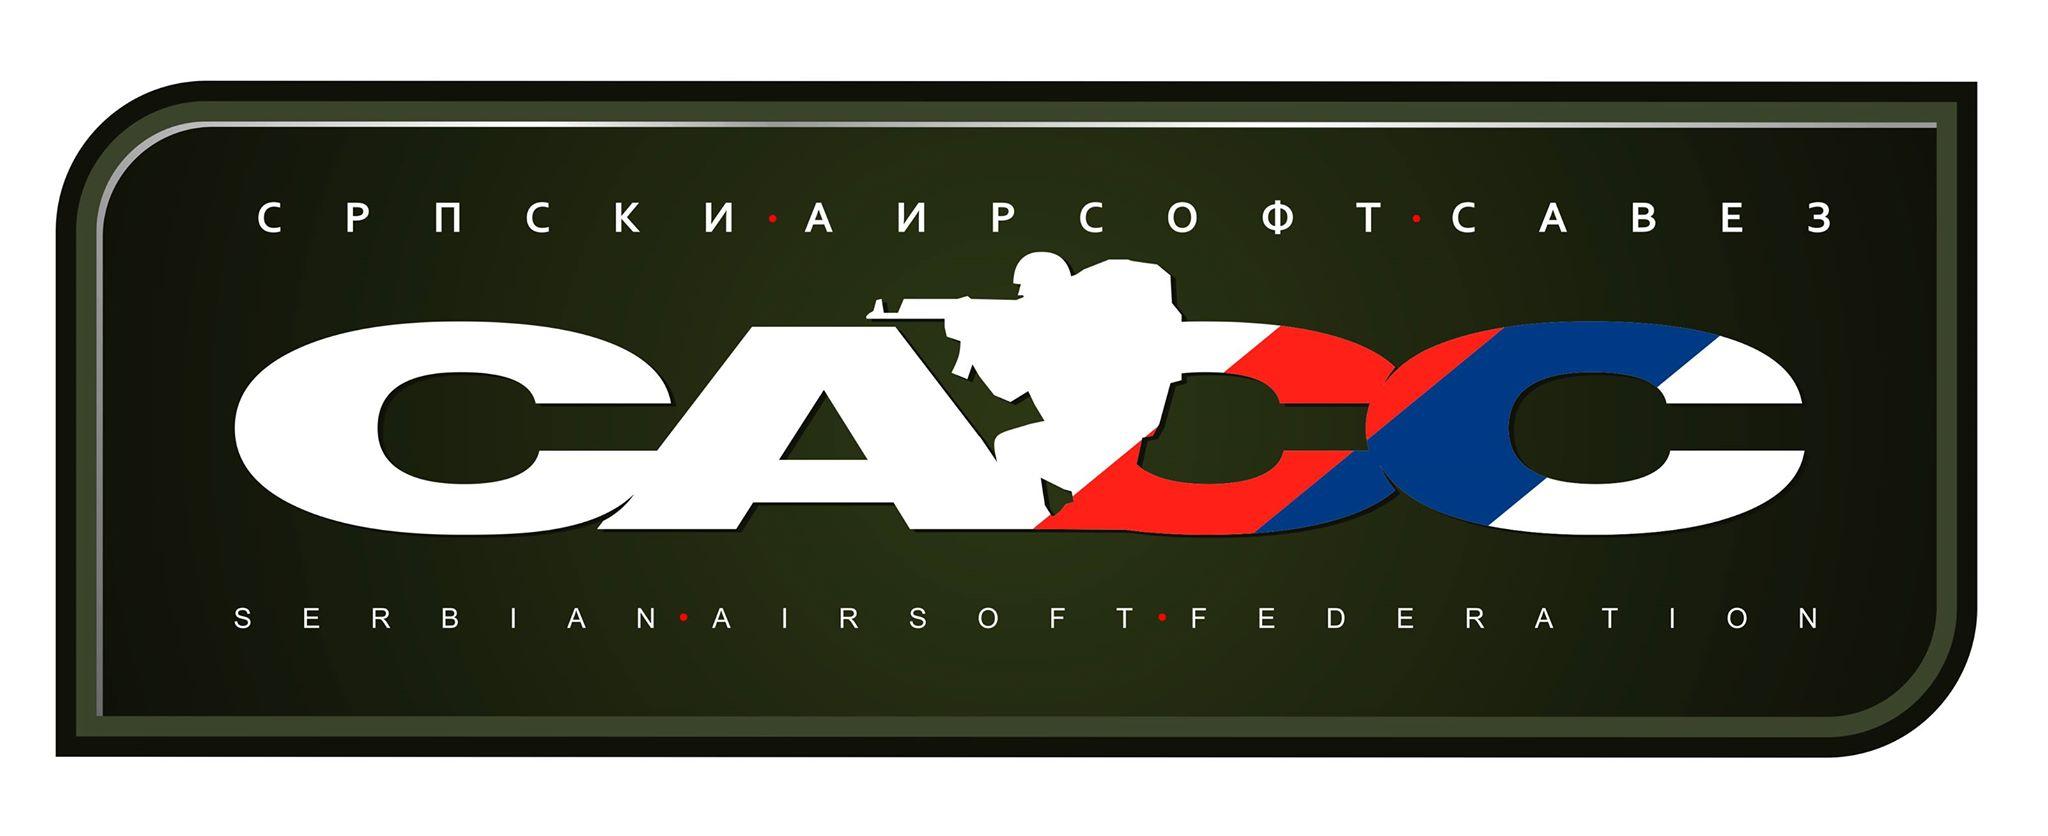 Serbian Airsoft association